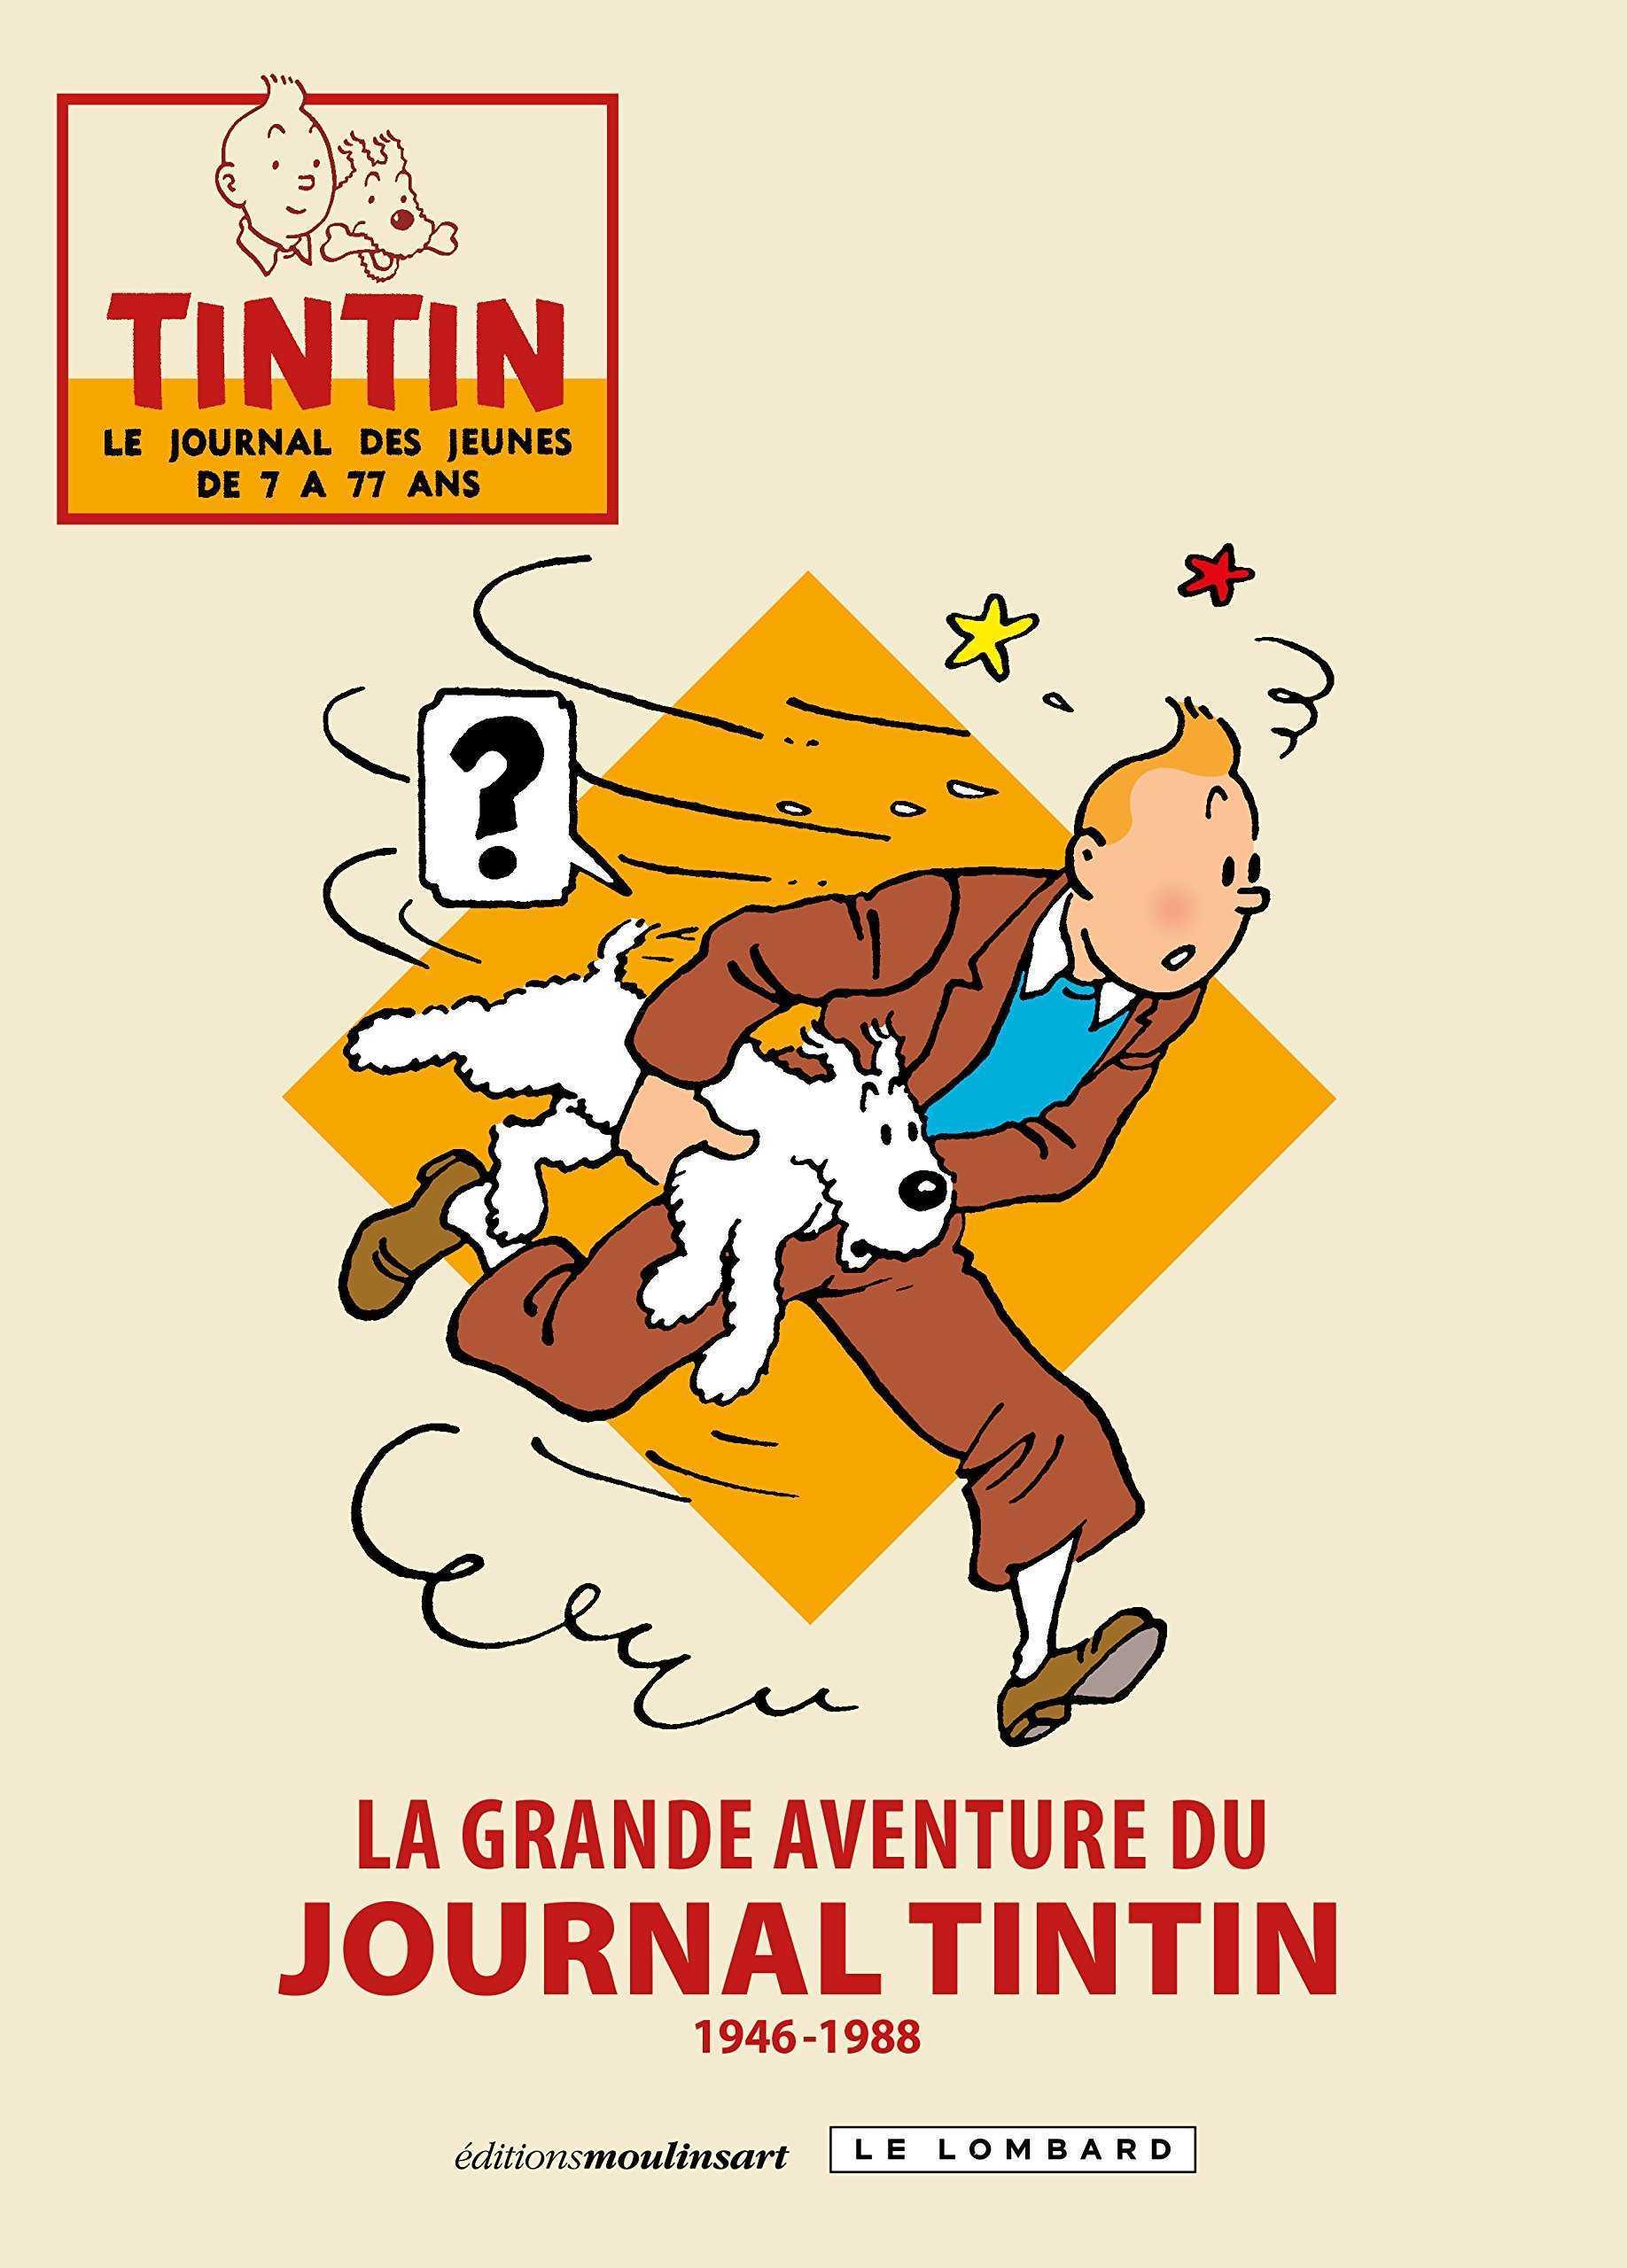 La Grande aventure du journal Tintin, 1946-1988, la Bible d'une aventure unique